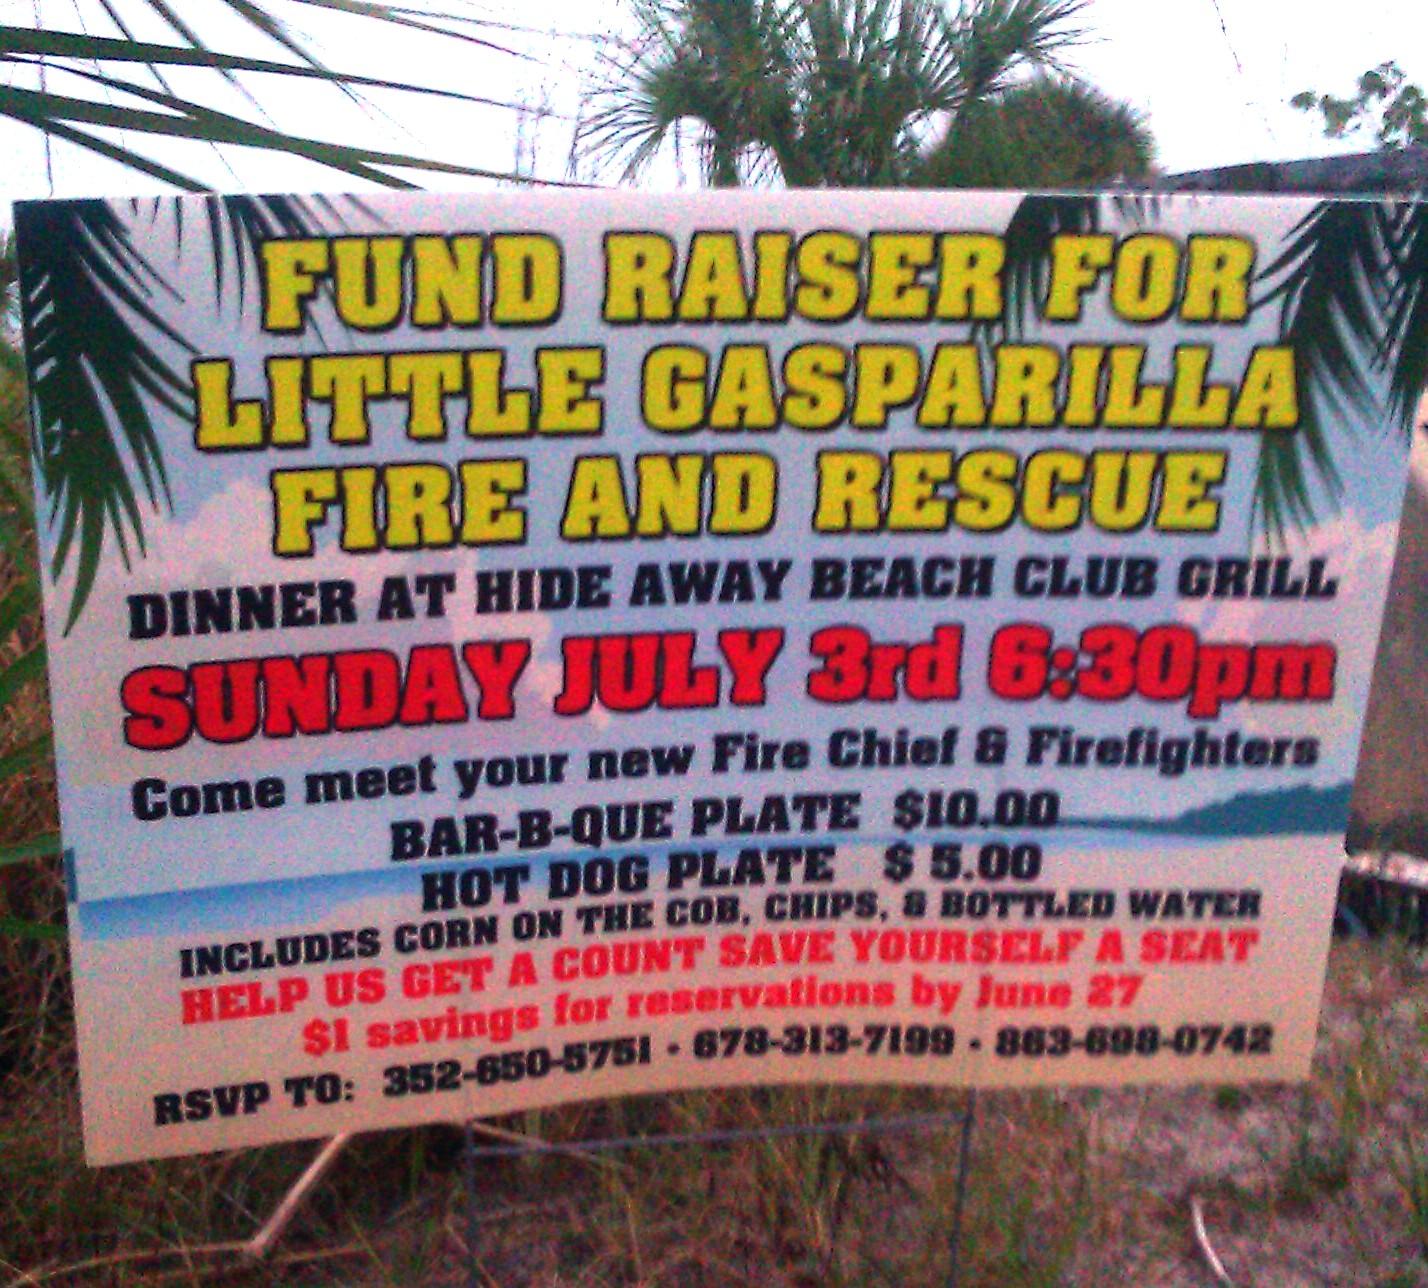 Little Gasparilla Island Fire Rescue Little Gasparilla Island